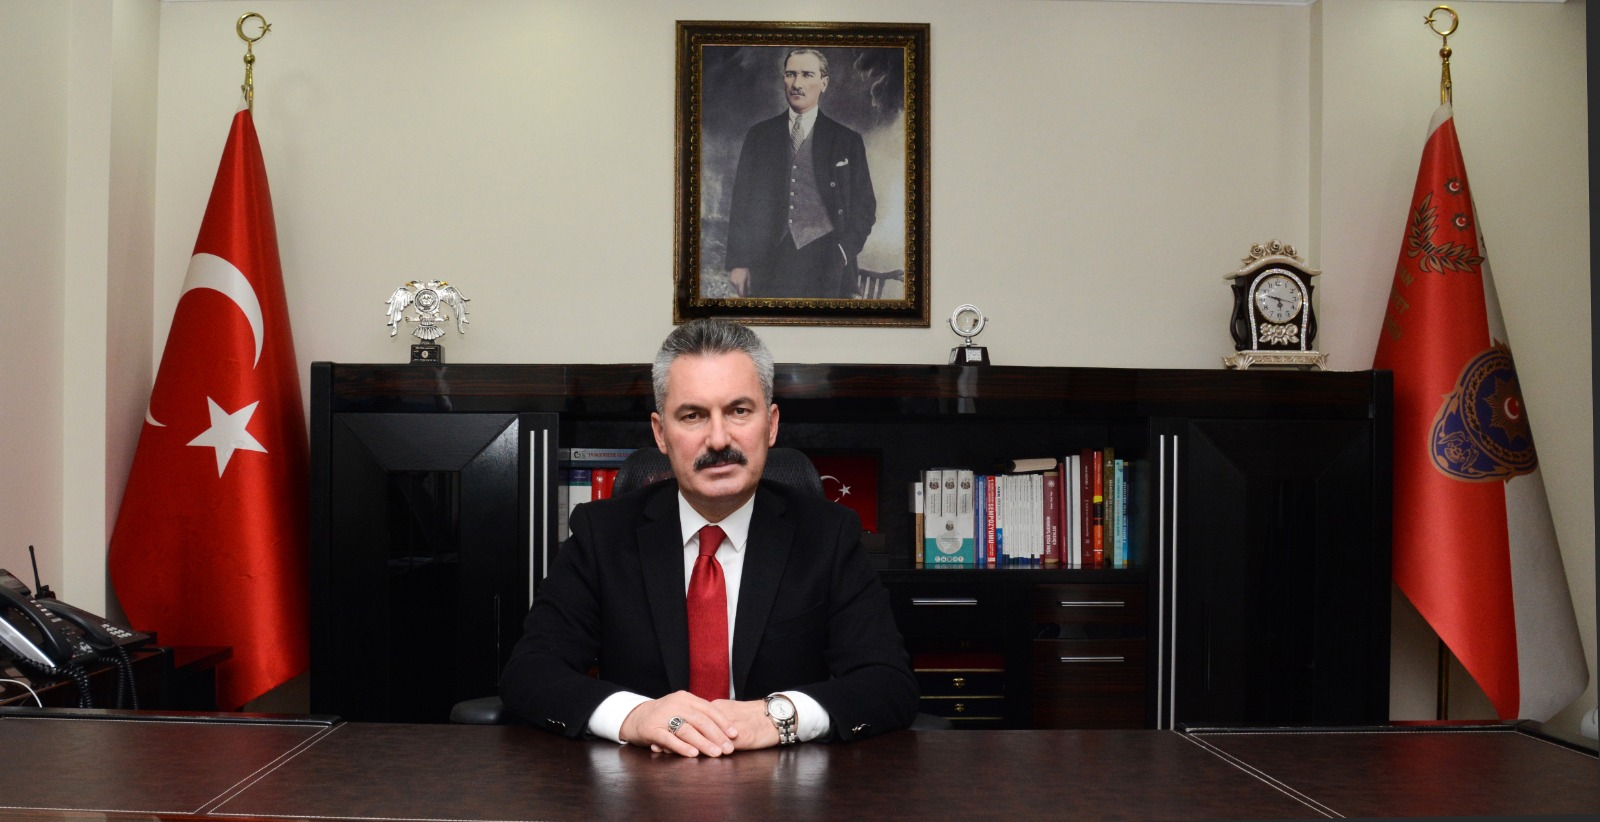 Müdür Karabağ'dan gazeteciler günü mesajı